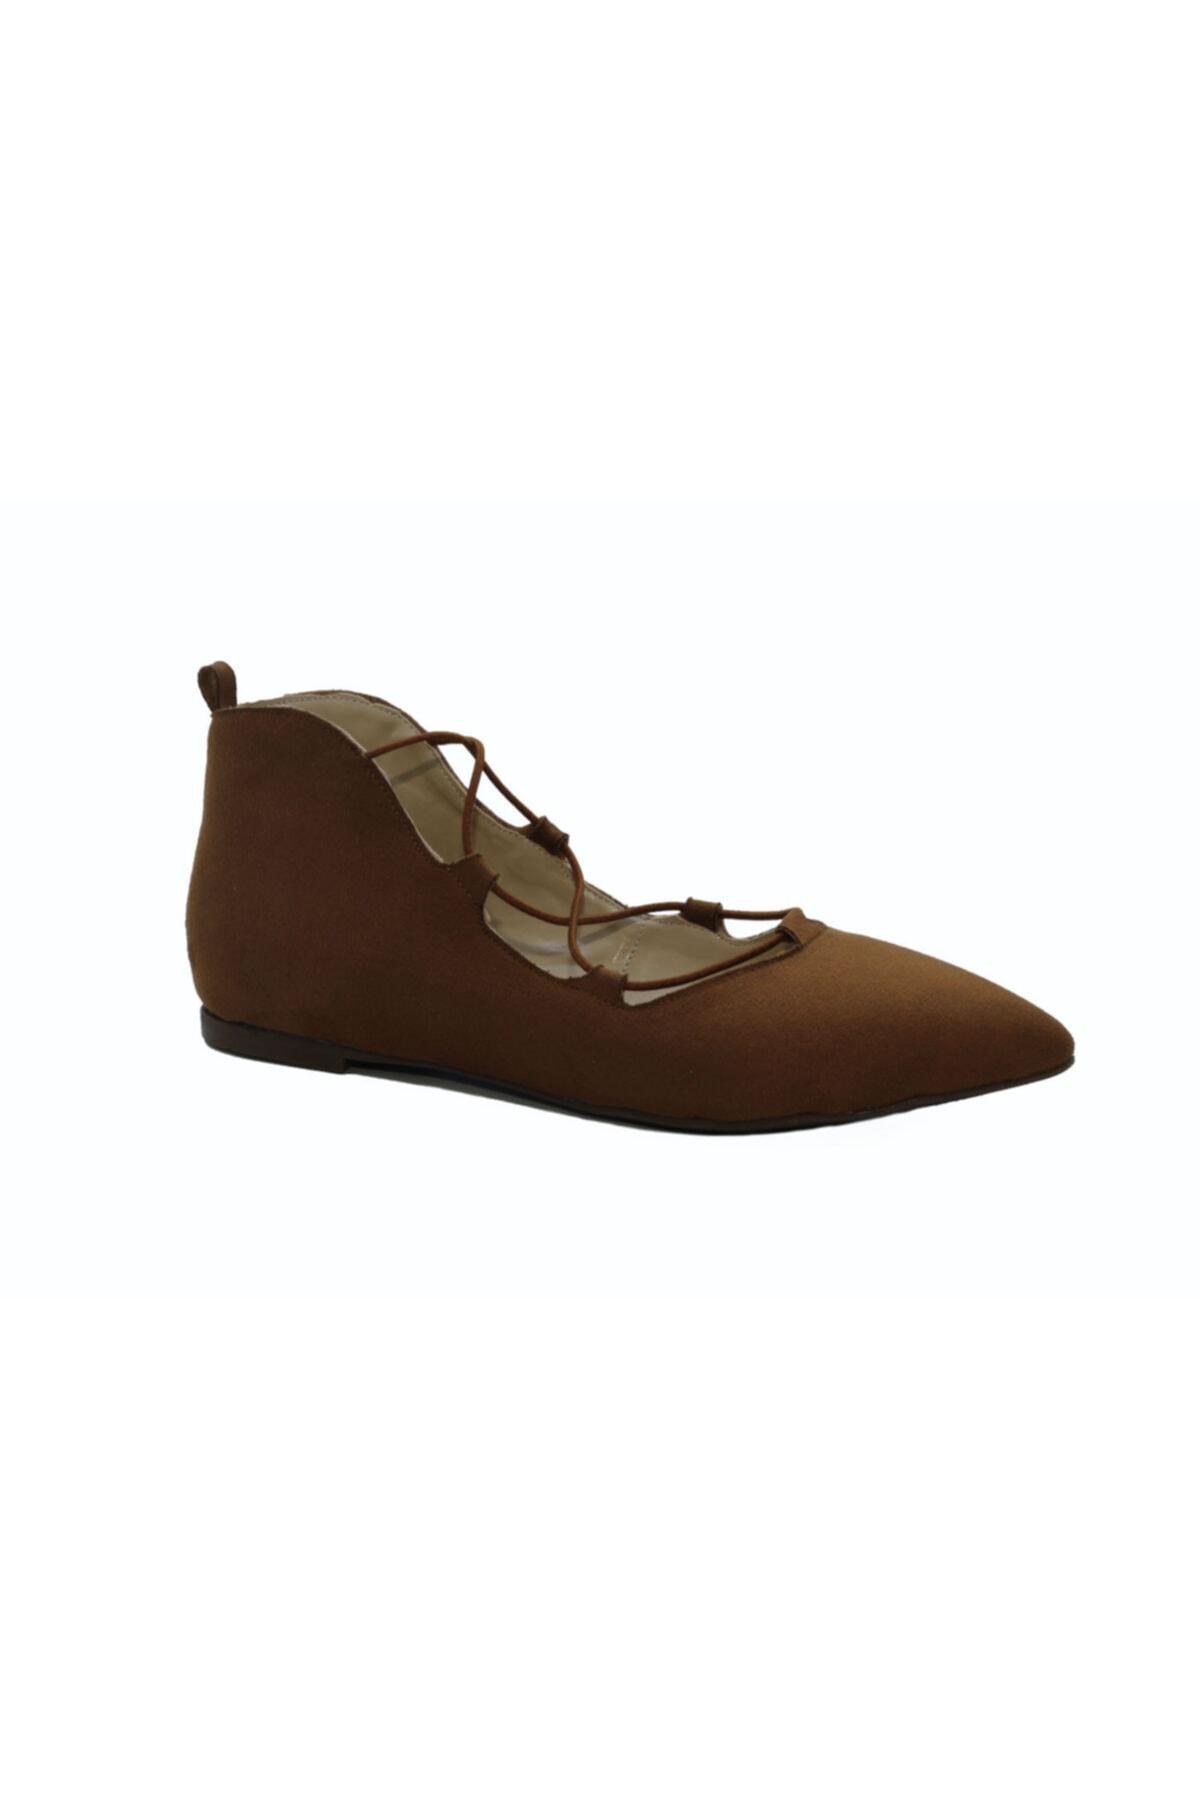 DİVUM Taba Süet Ayakkabı 2